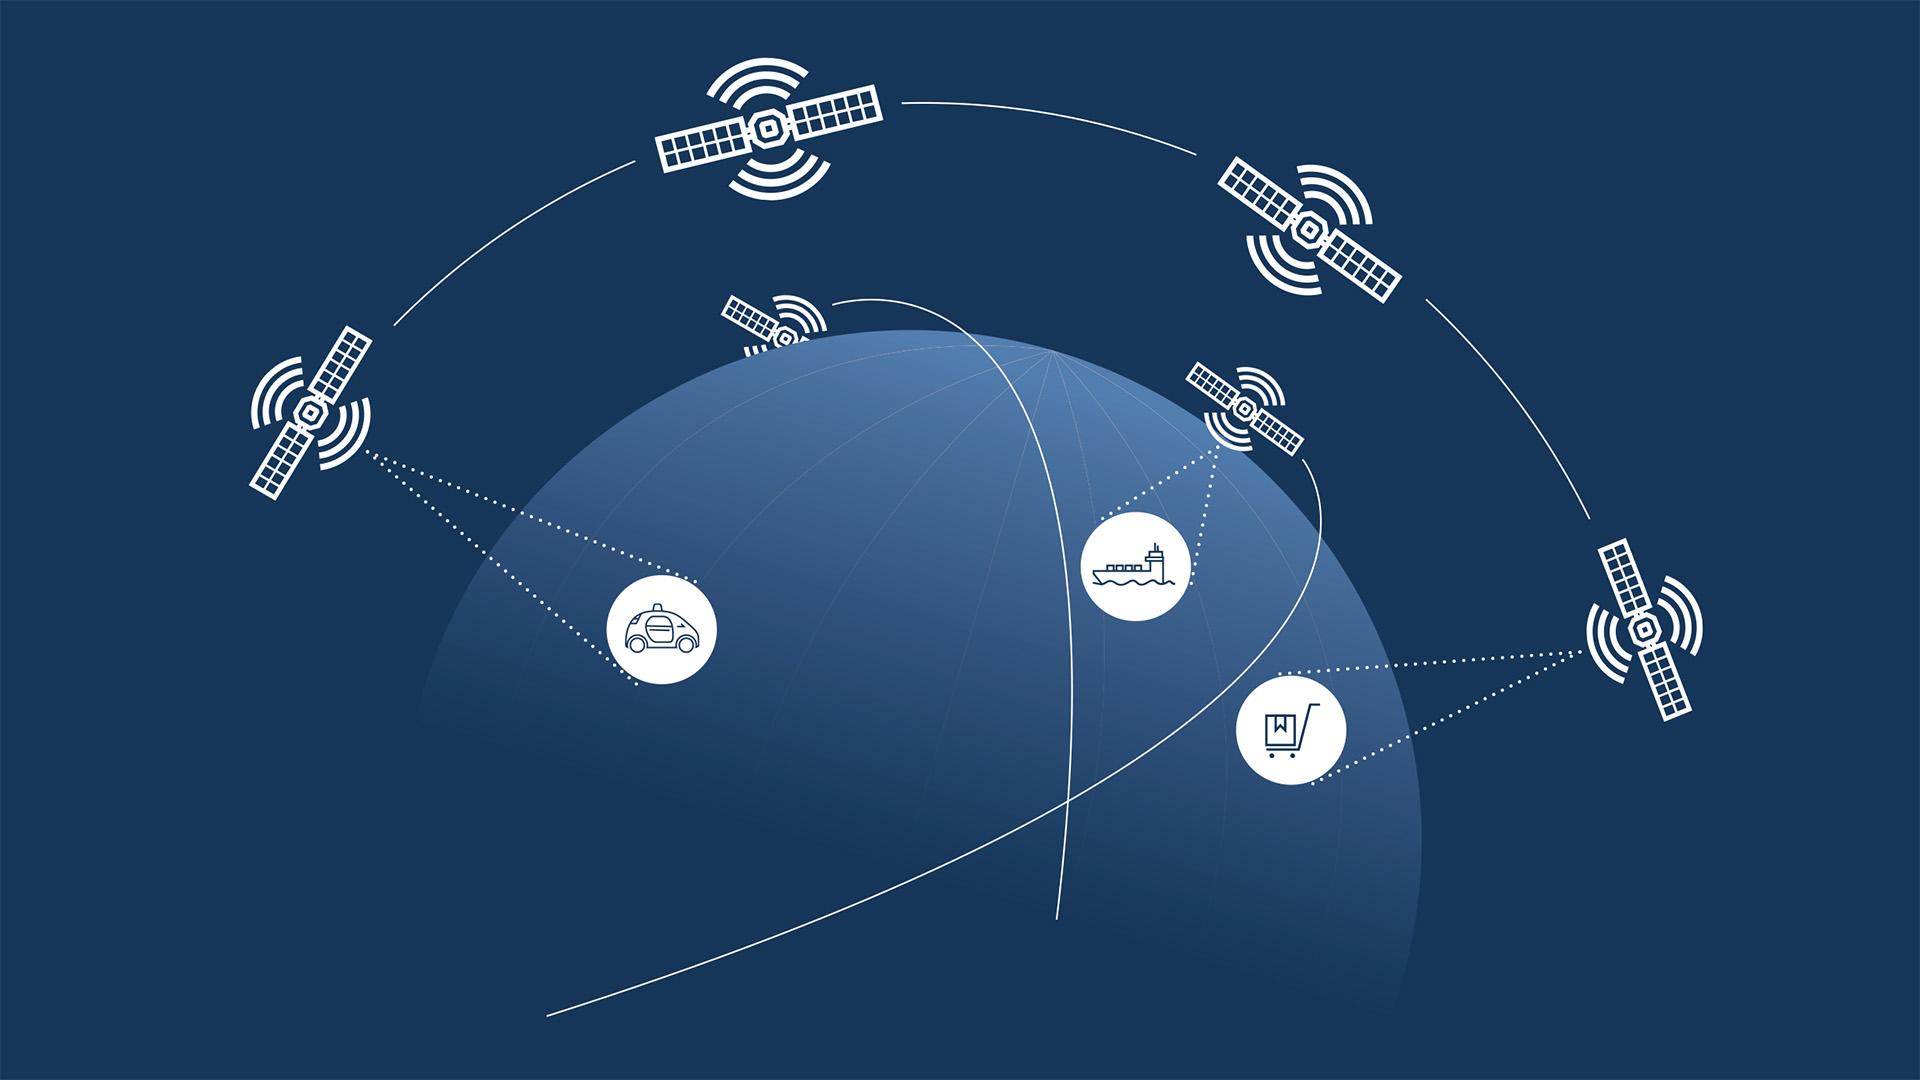 Deutsche bauen intelligentes Netzwerk im All